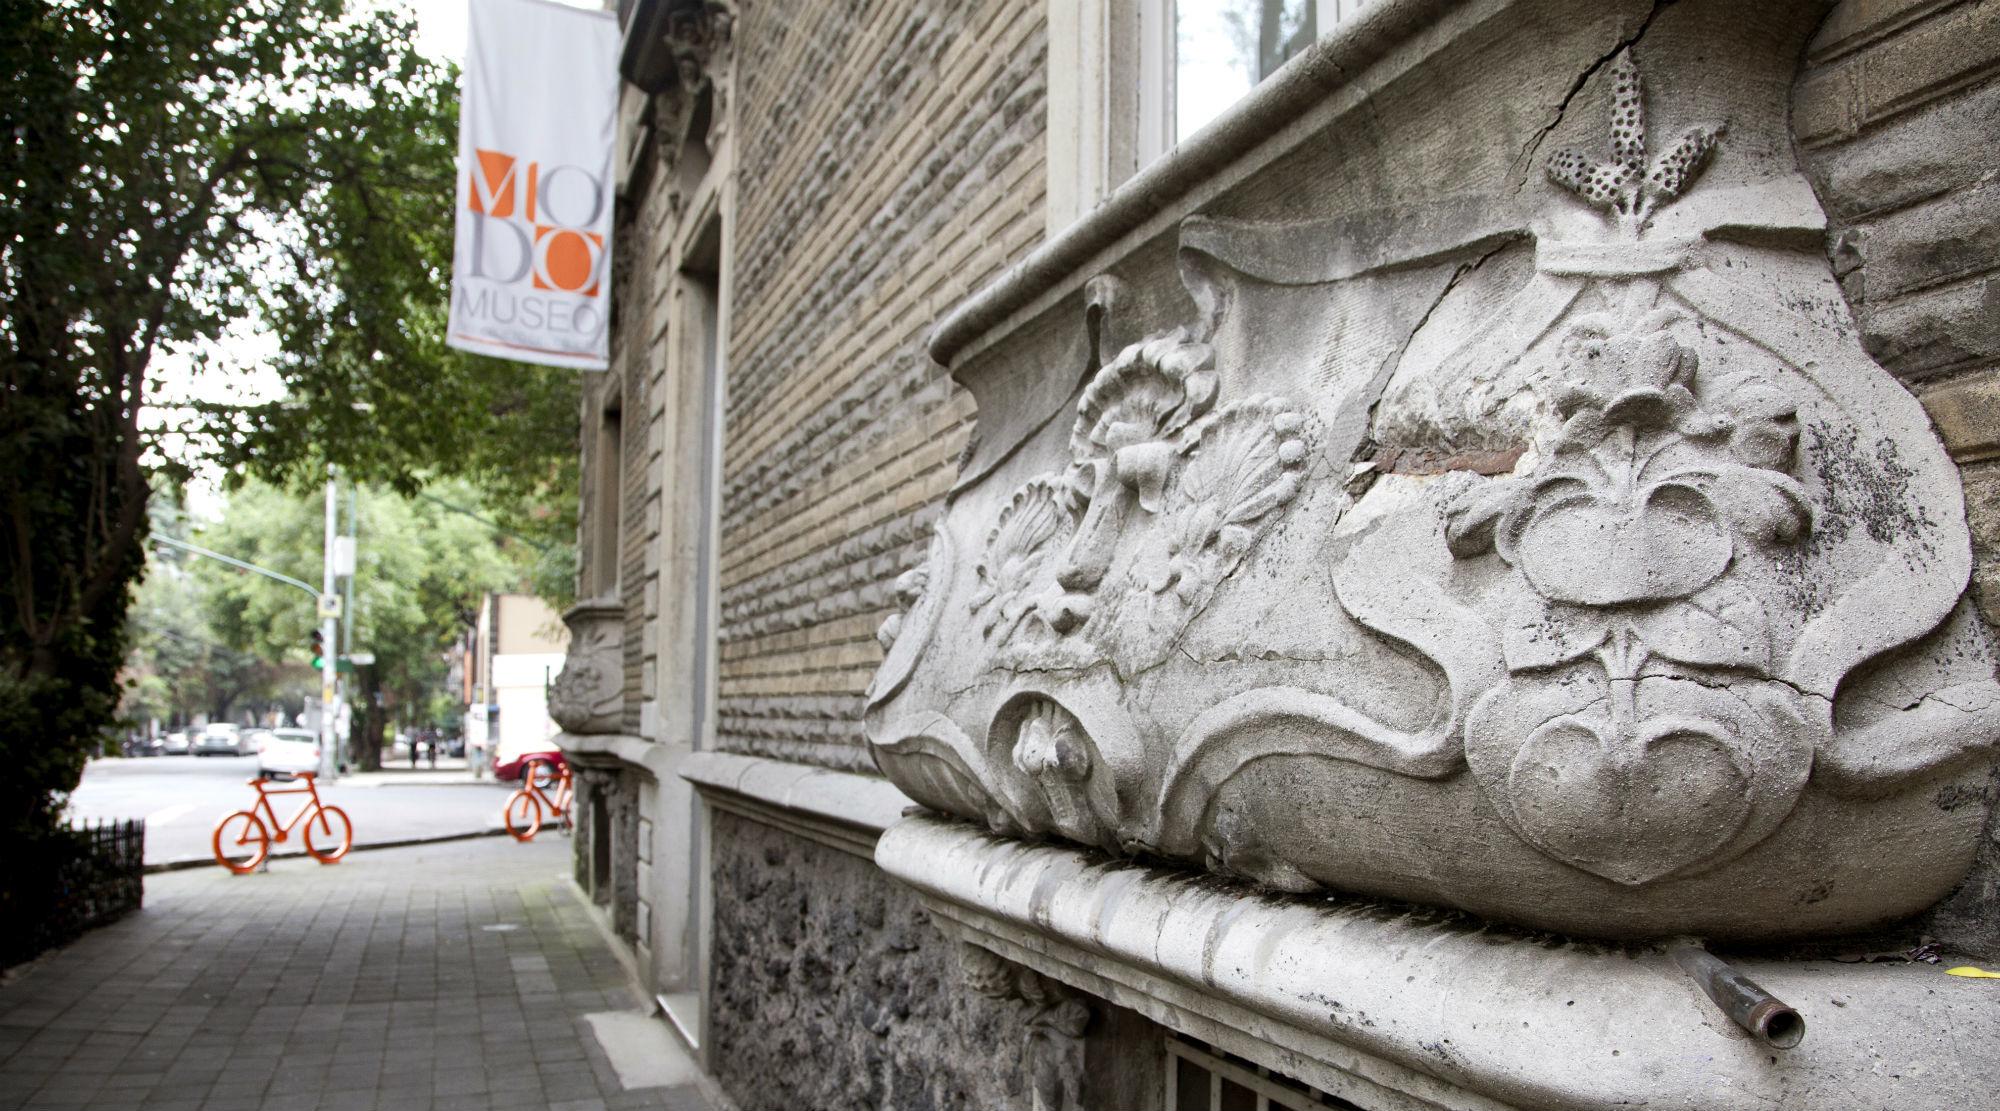 Museo del Objeto del Objeto (MODO)